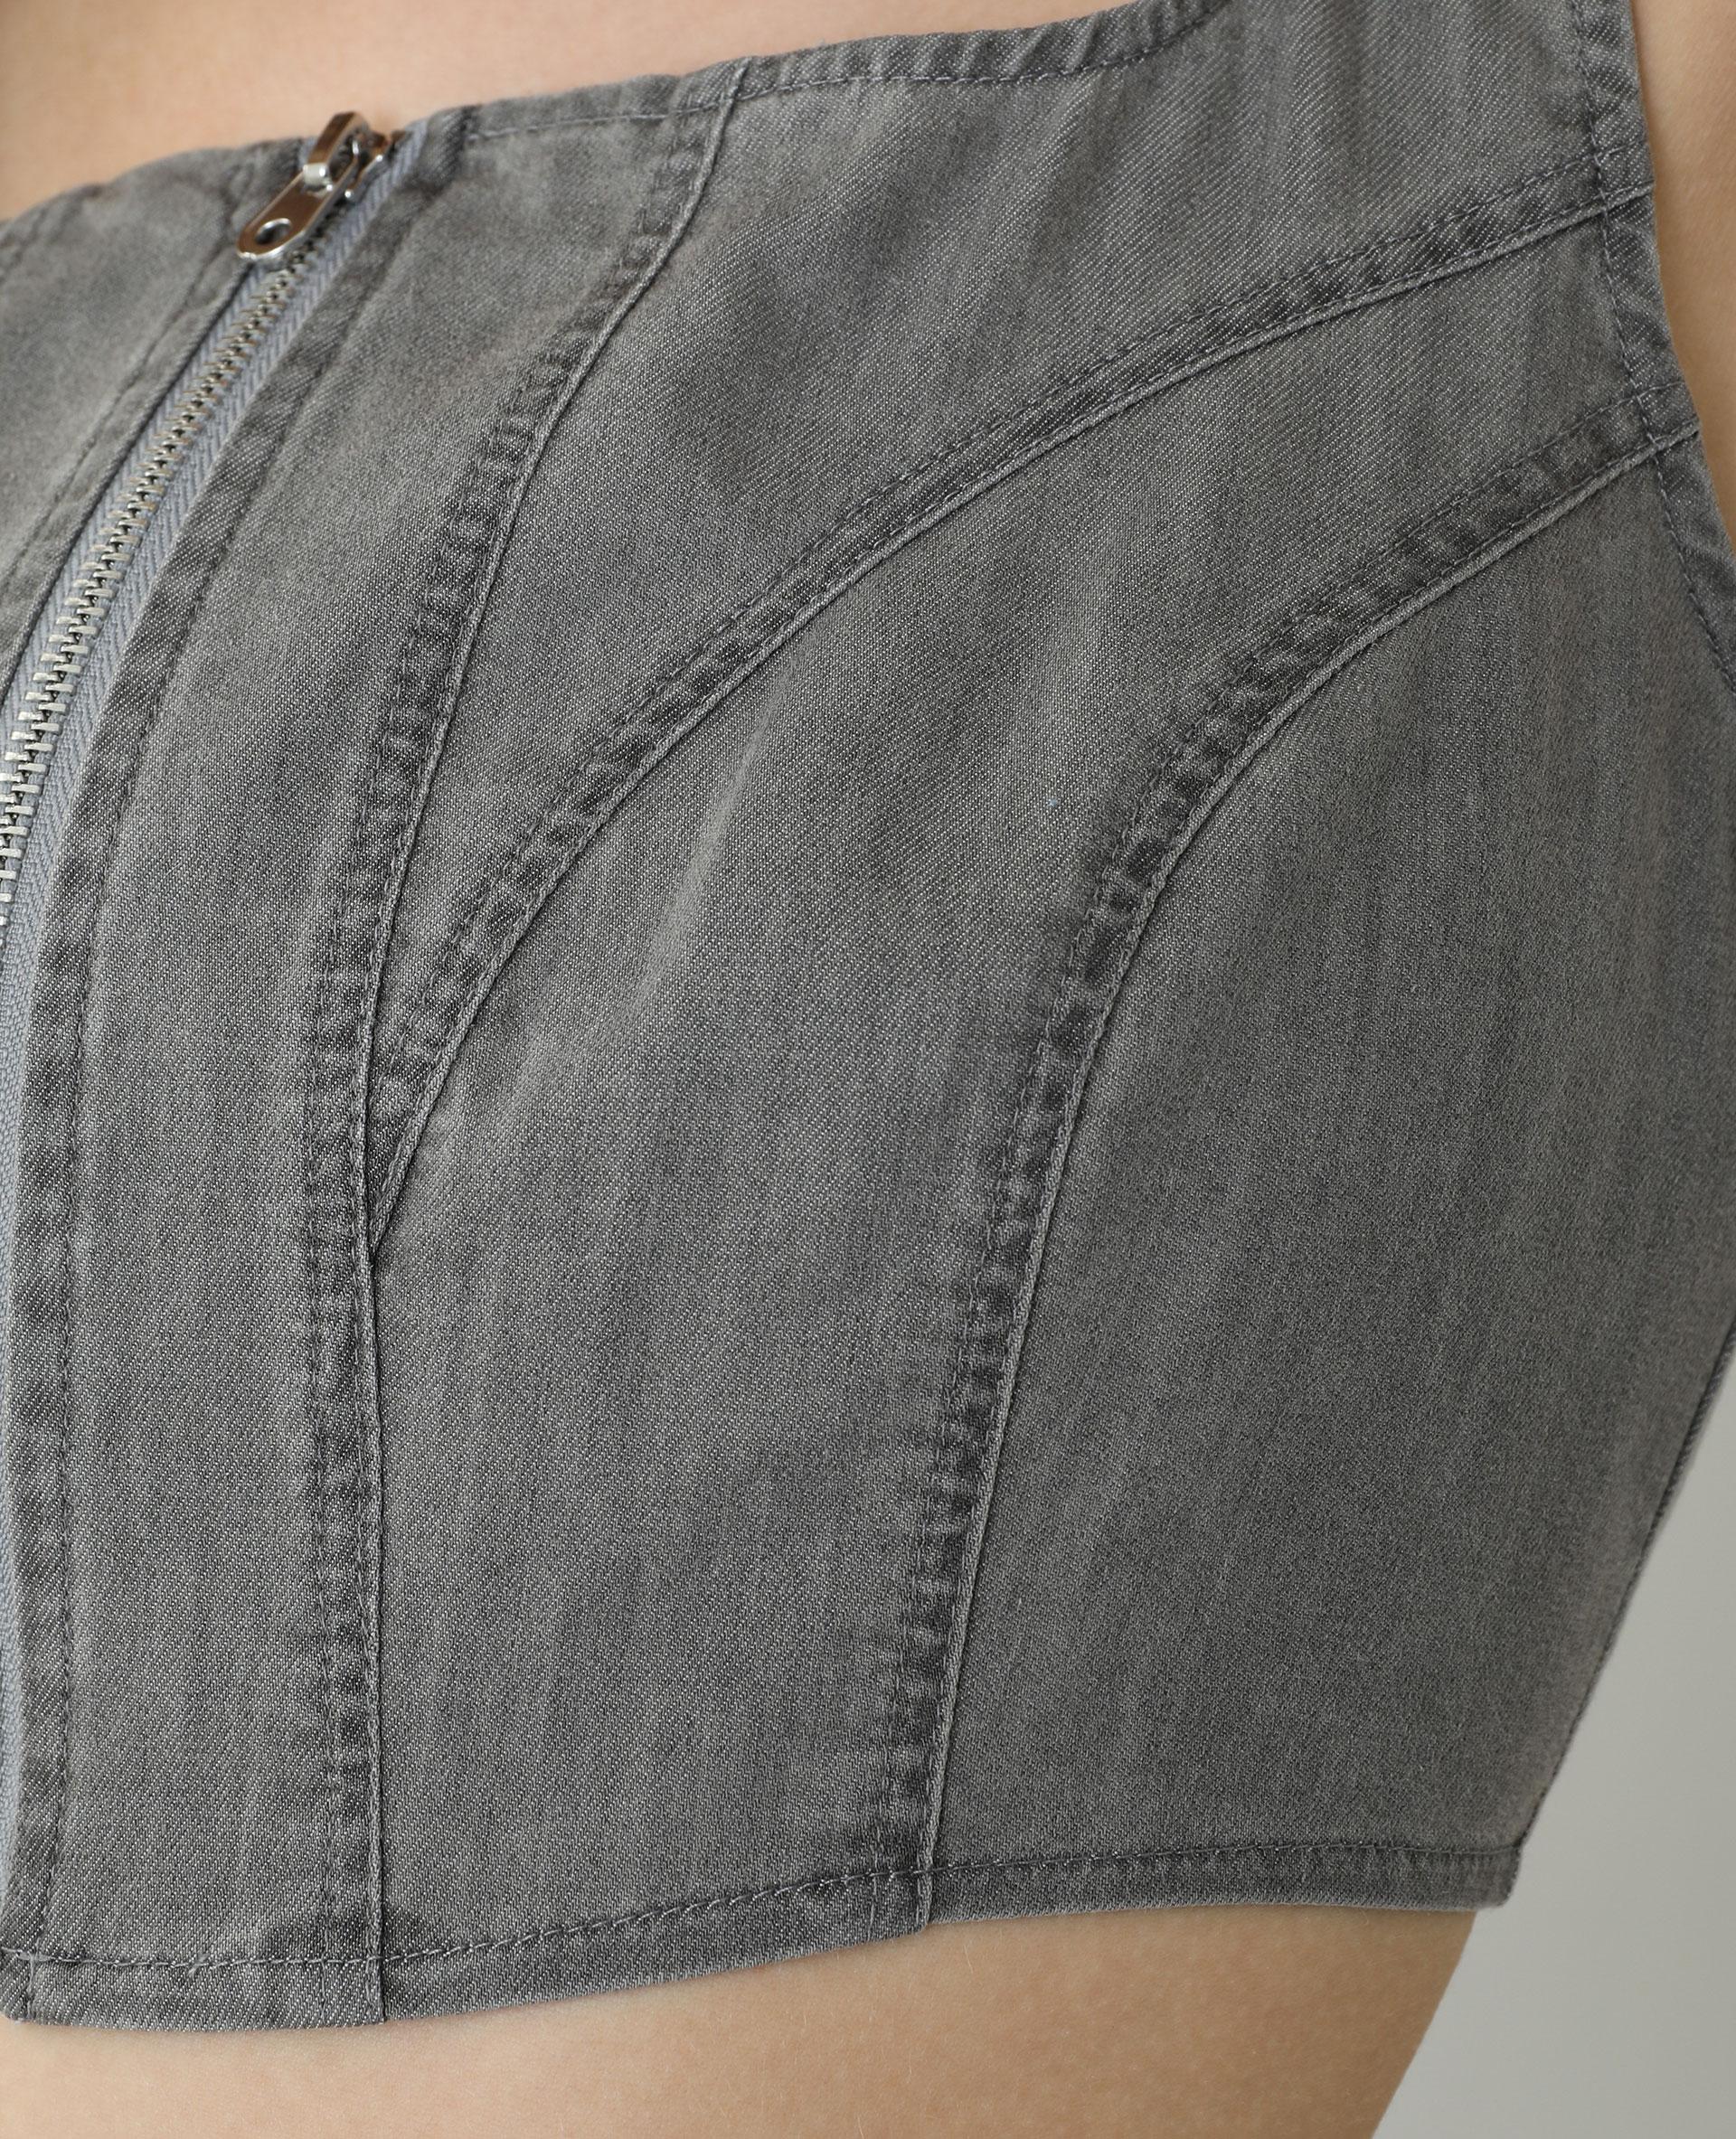 Brassière di jeans grigio antracite - Pimkie